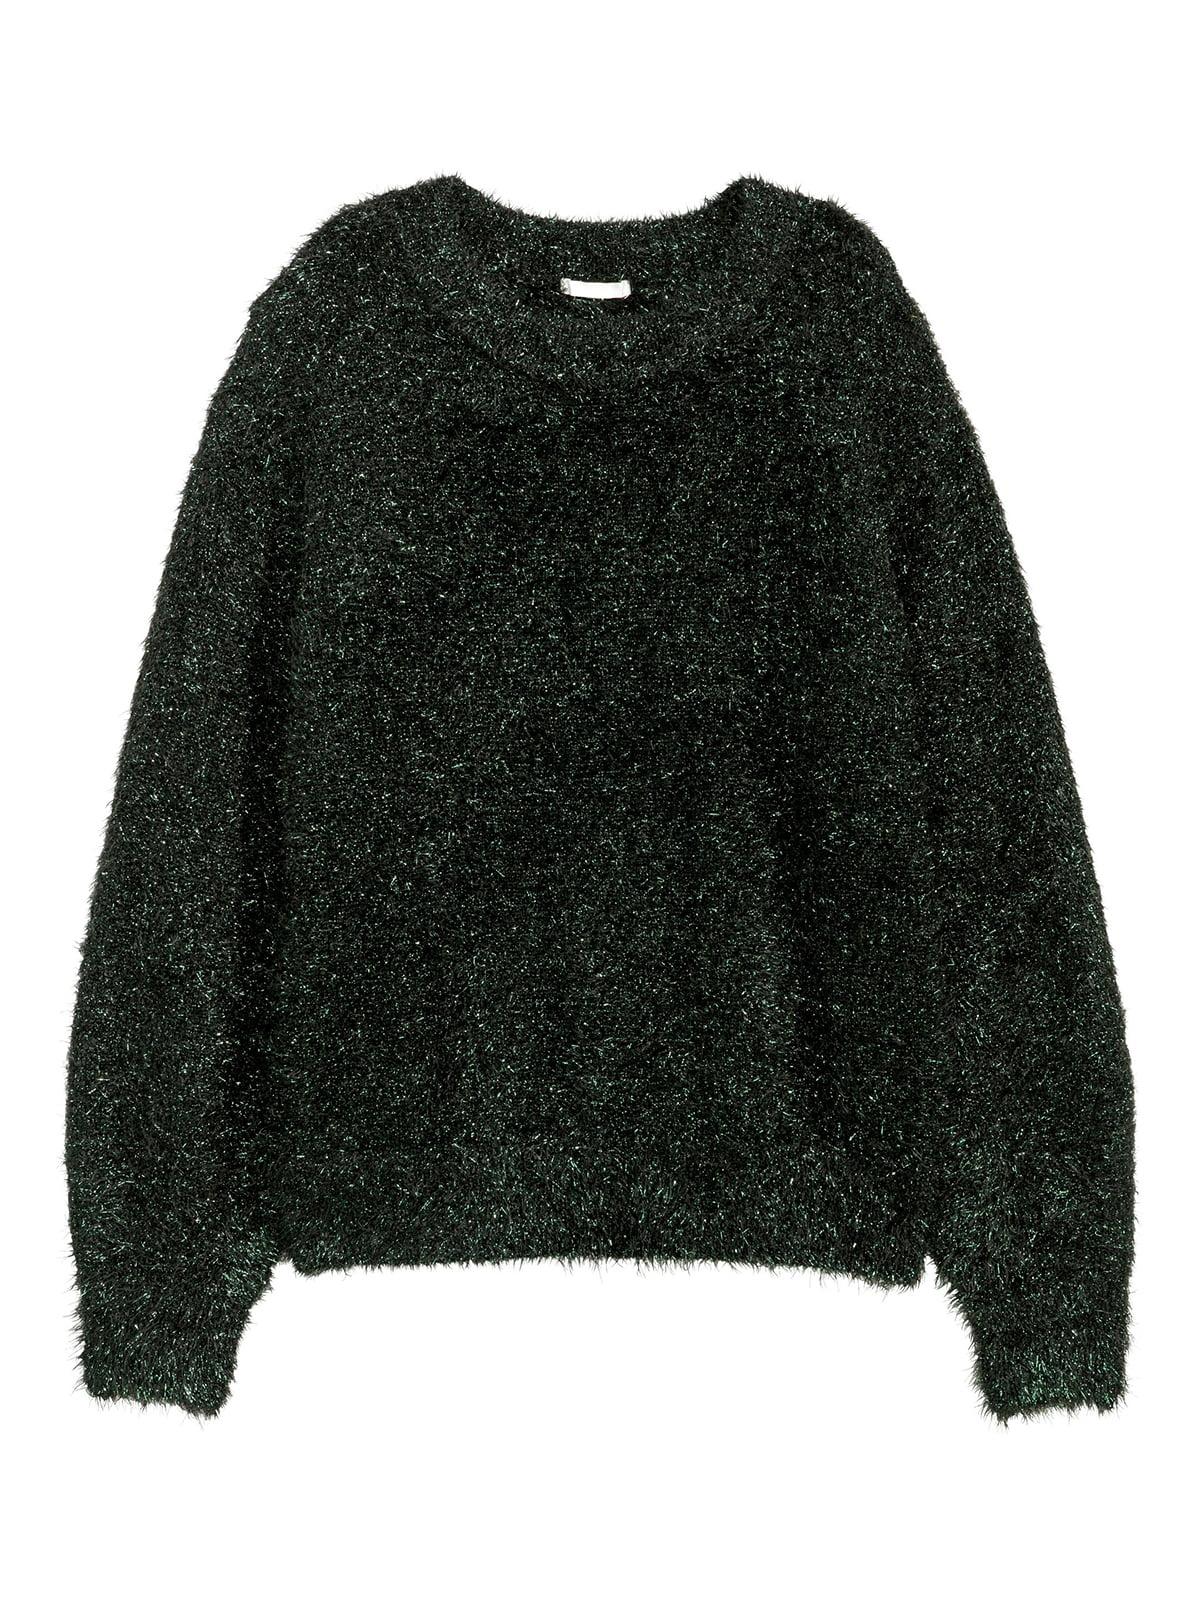 Джемпер темно-зеленый с блестками | 5539436